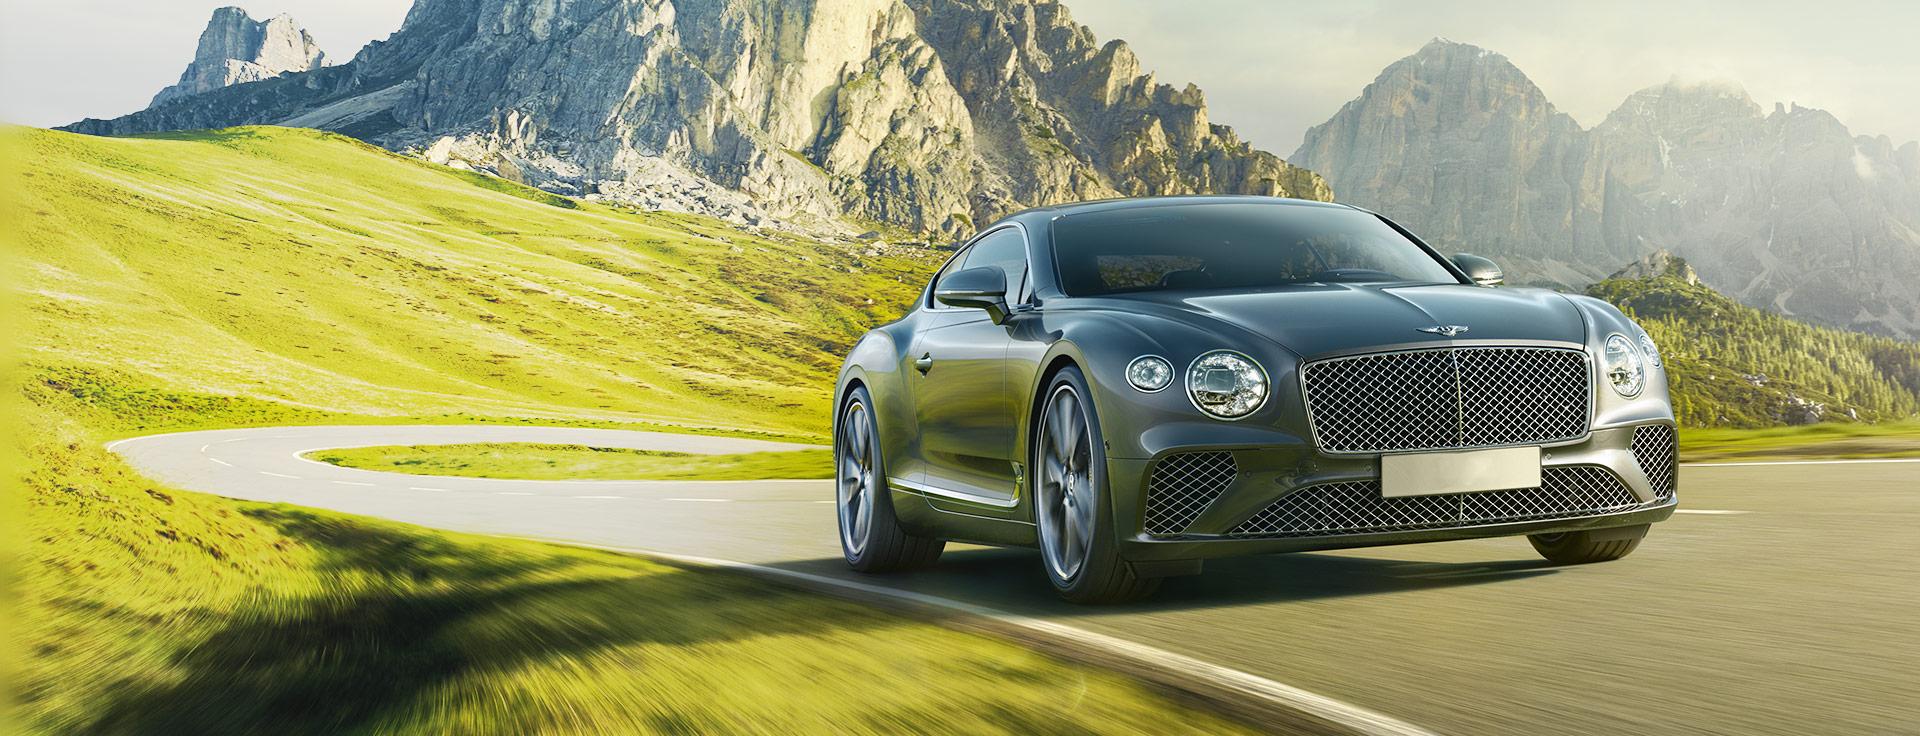 Bentley - Pirelli - the official technical partner of Bentley Motors